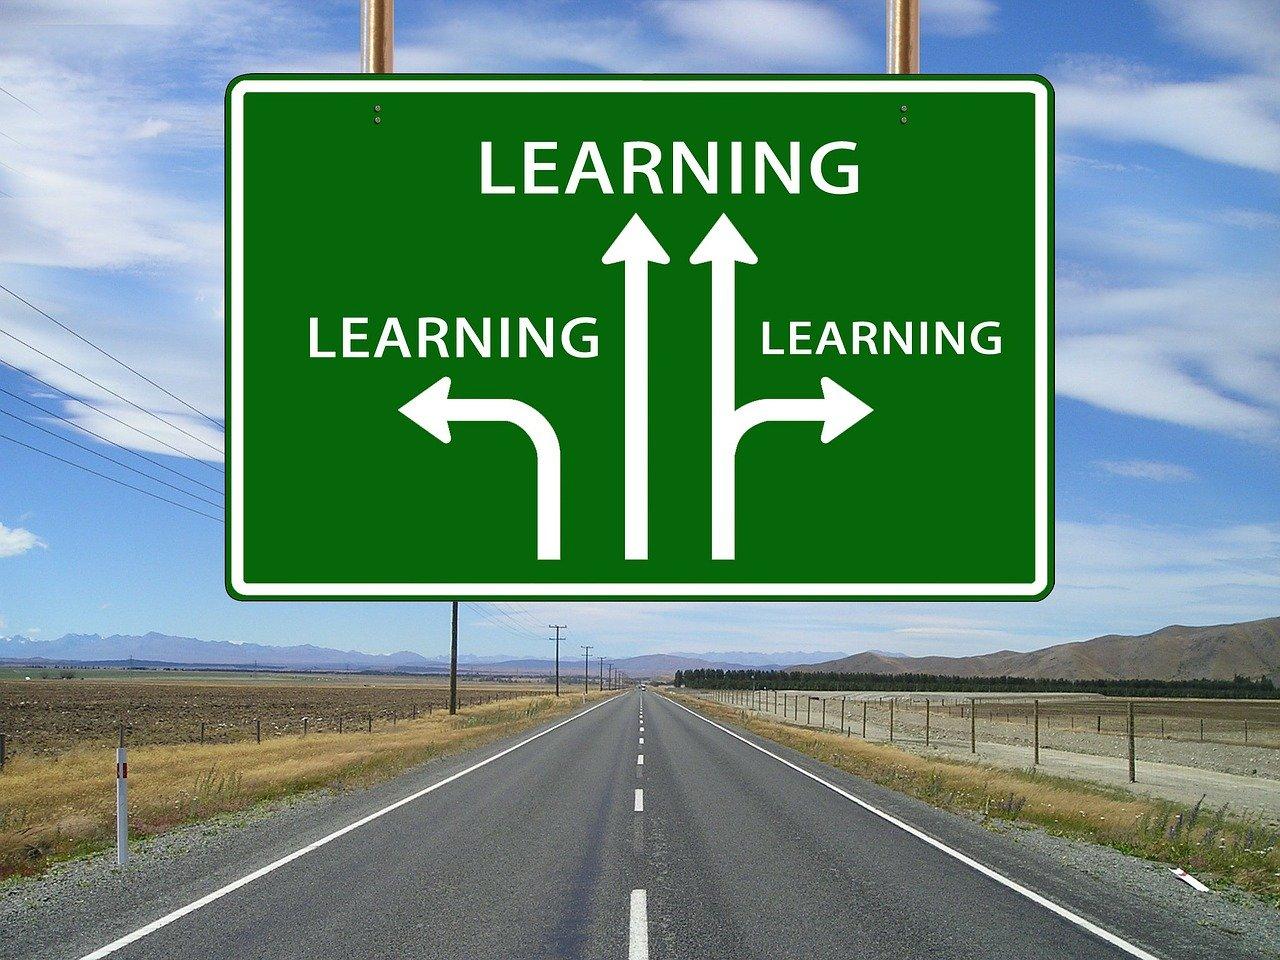 イタリア語検定4級・5級合格のための学習法!